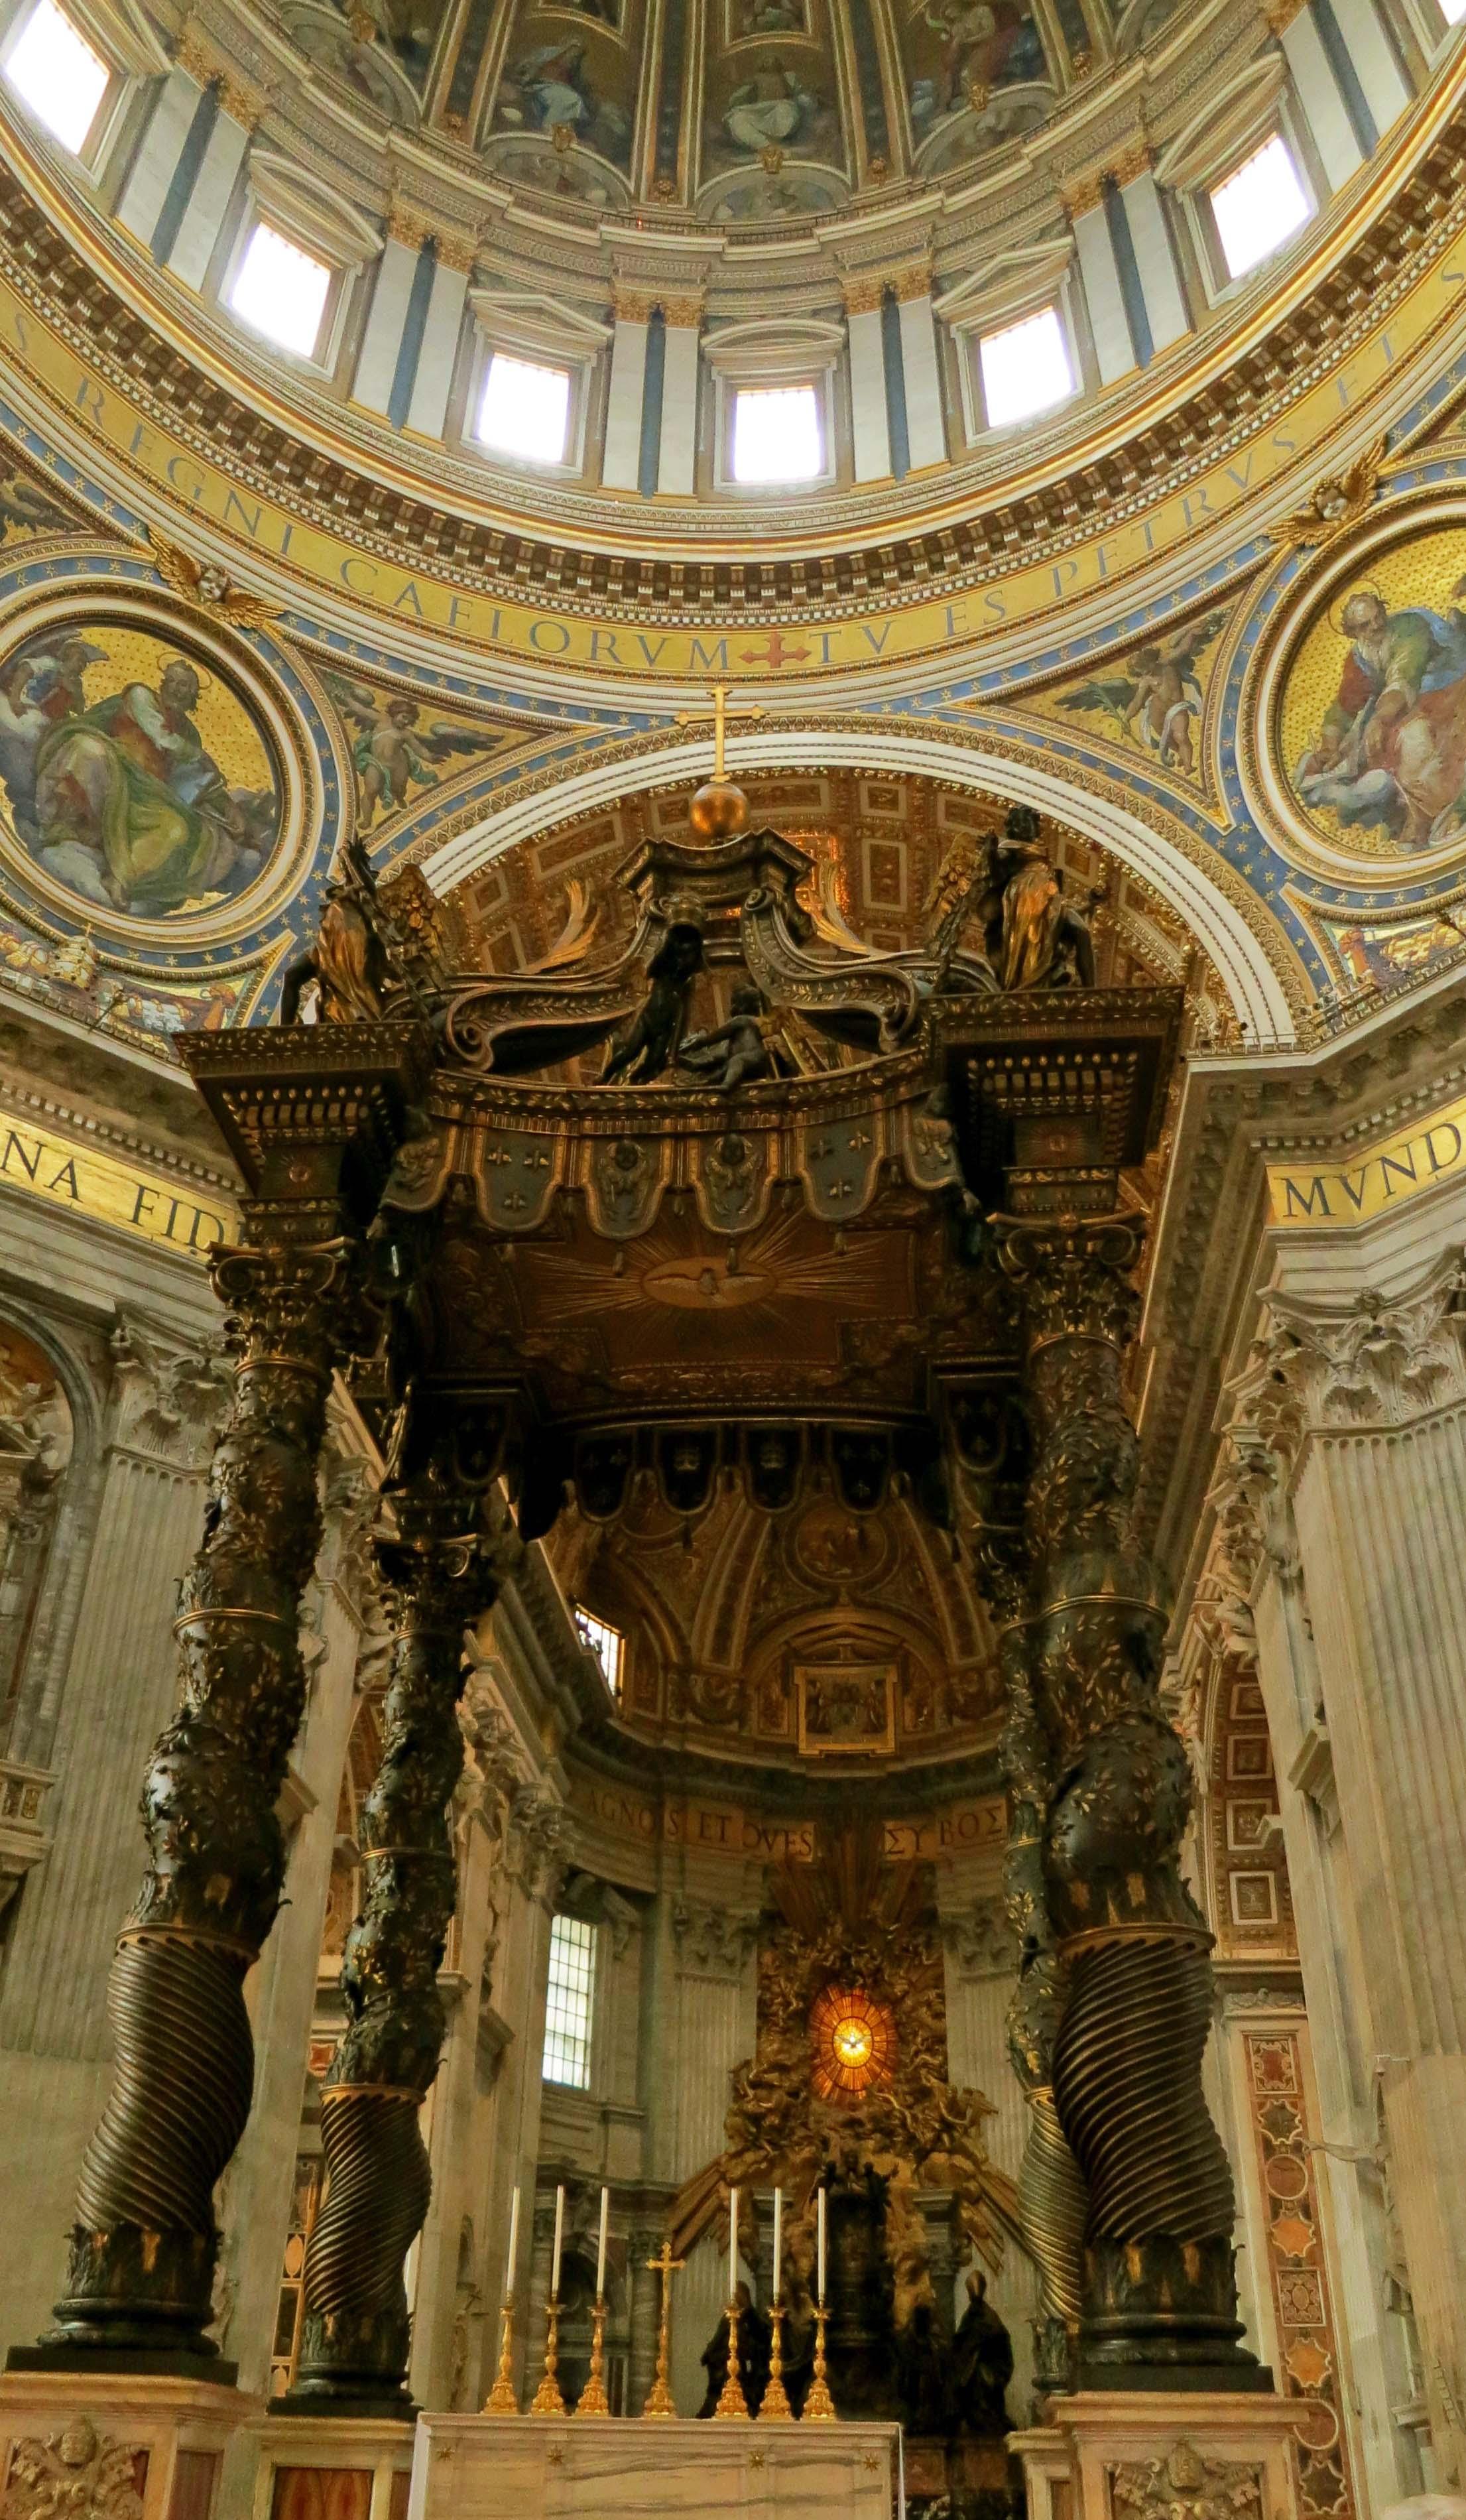 Bernini's bronze canopy in St. Peter's Basilica